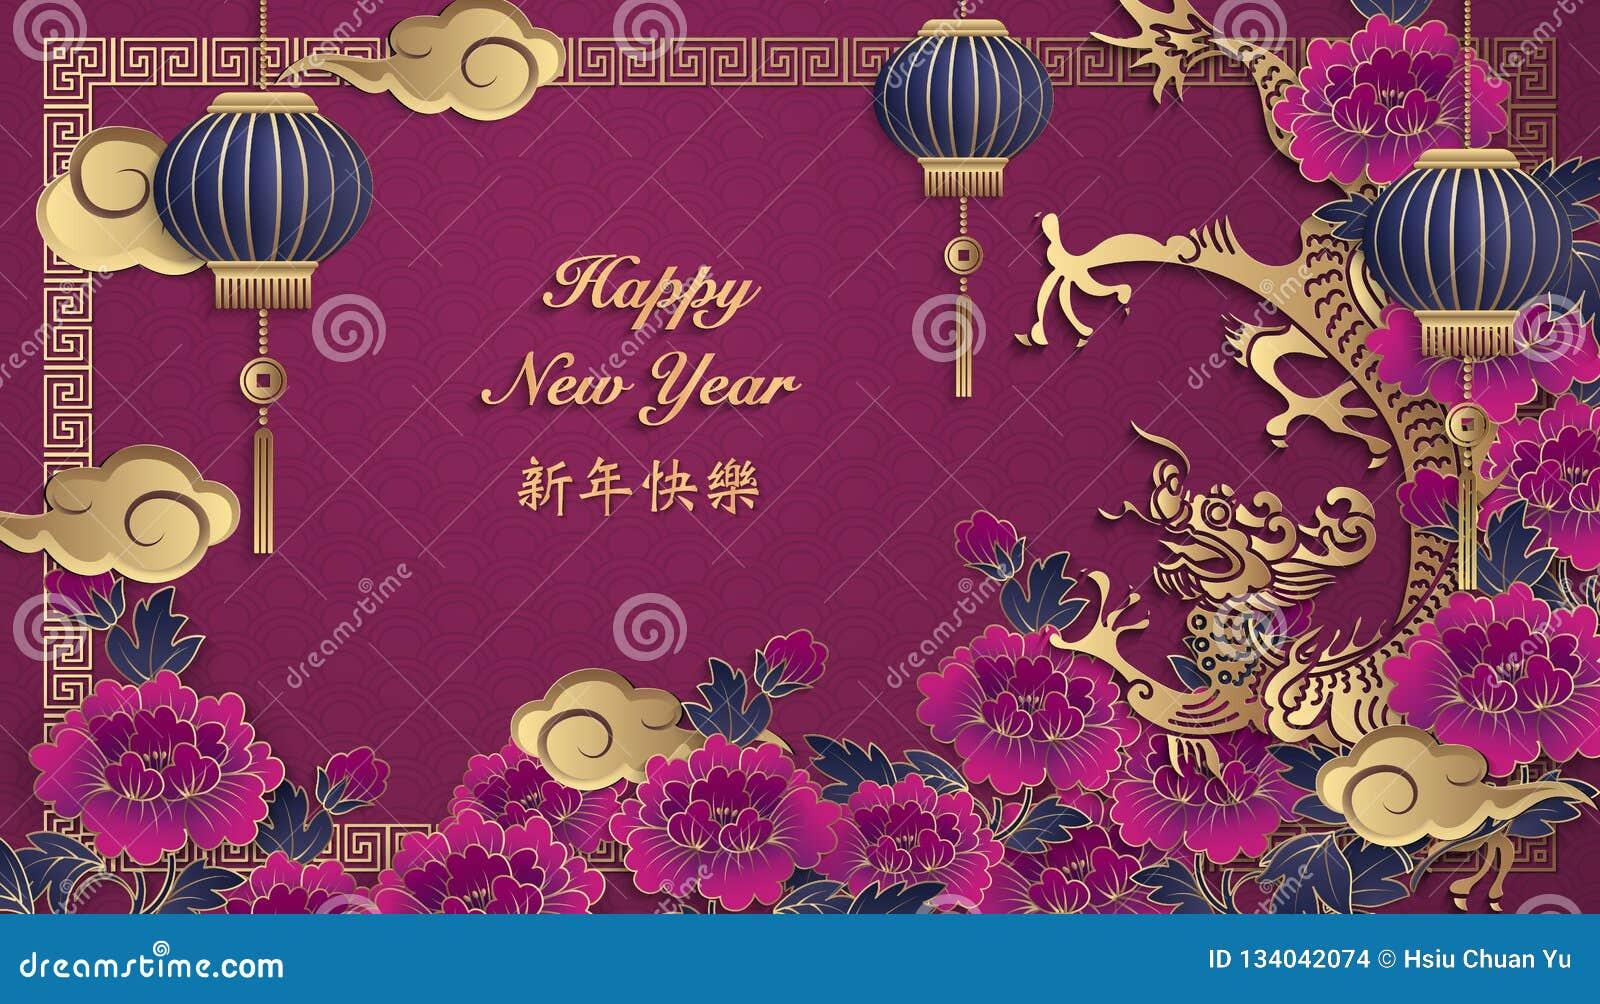 Nuvem roxa chinesa do dragão da lanterna da flor da peônia do relevo do ouro retro do ano novo e quadro felizes da estrutura